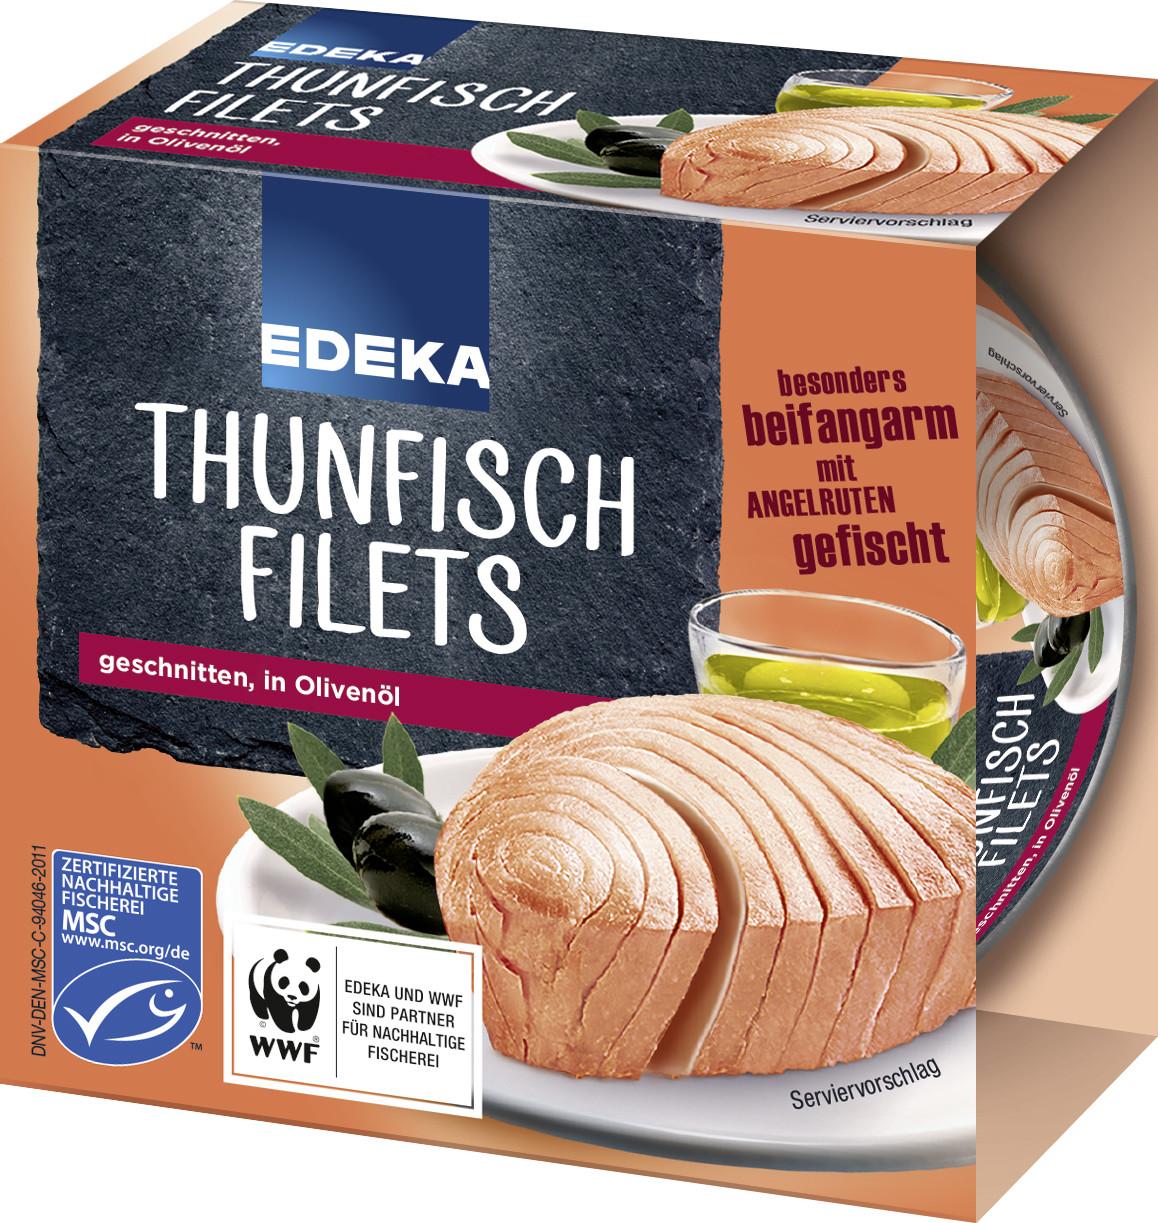 edeka24 edeka thunfischfilets in oliven l online kaufen. Black Bedroom Furniture Sets. Home Design Ideas